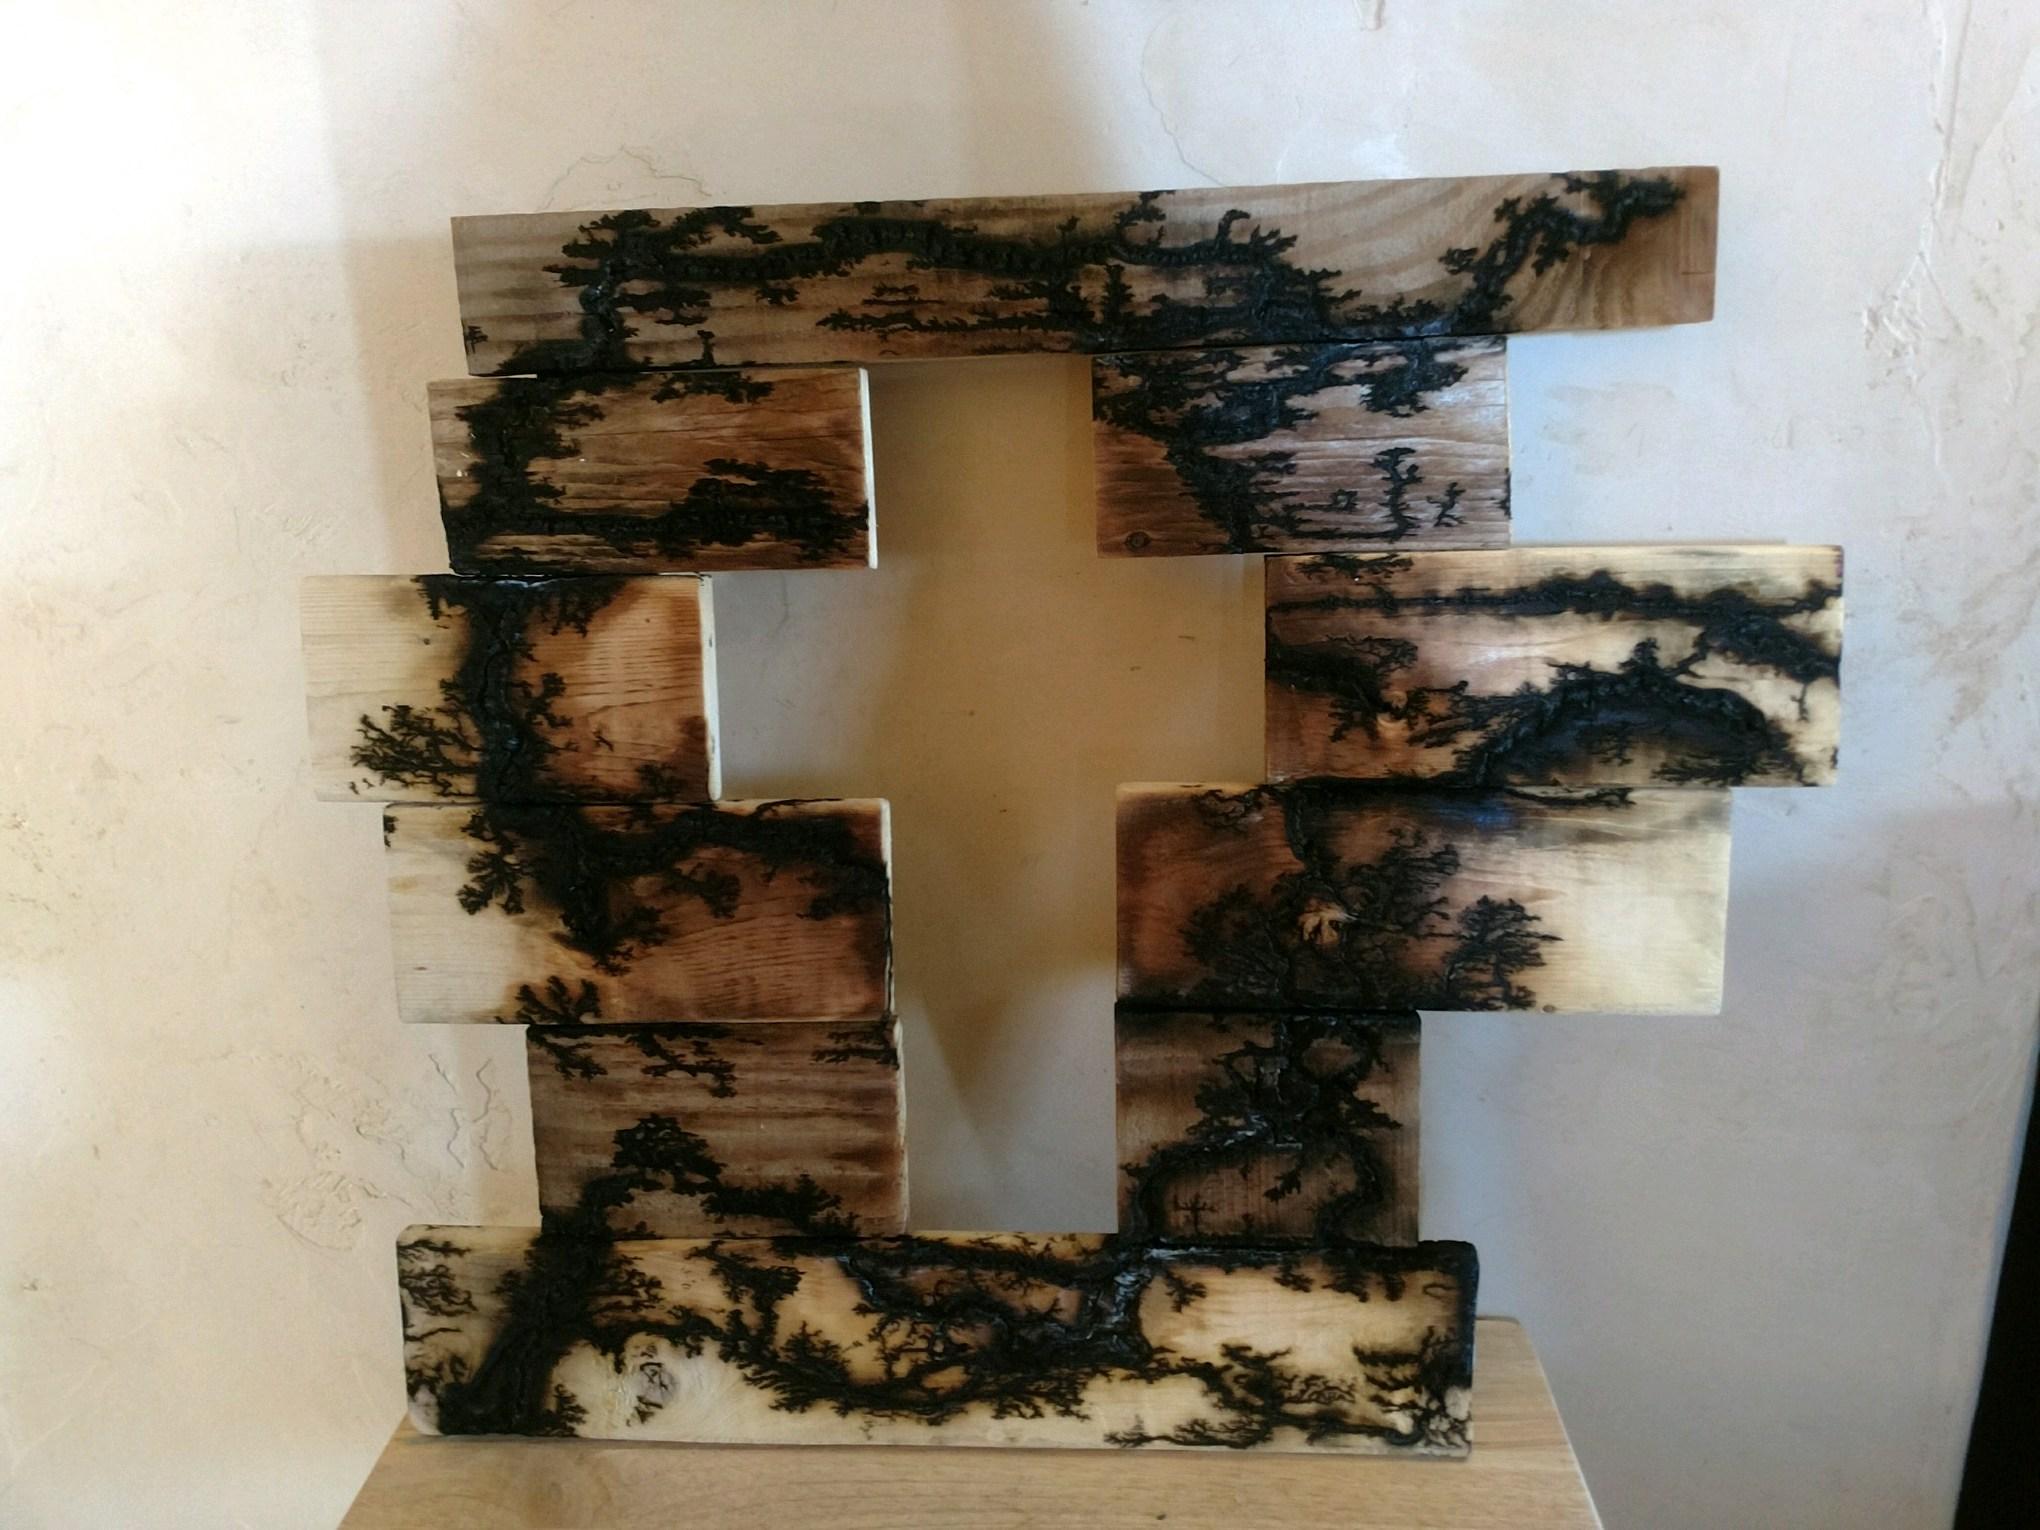 Cutout Cross Burned